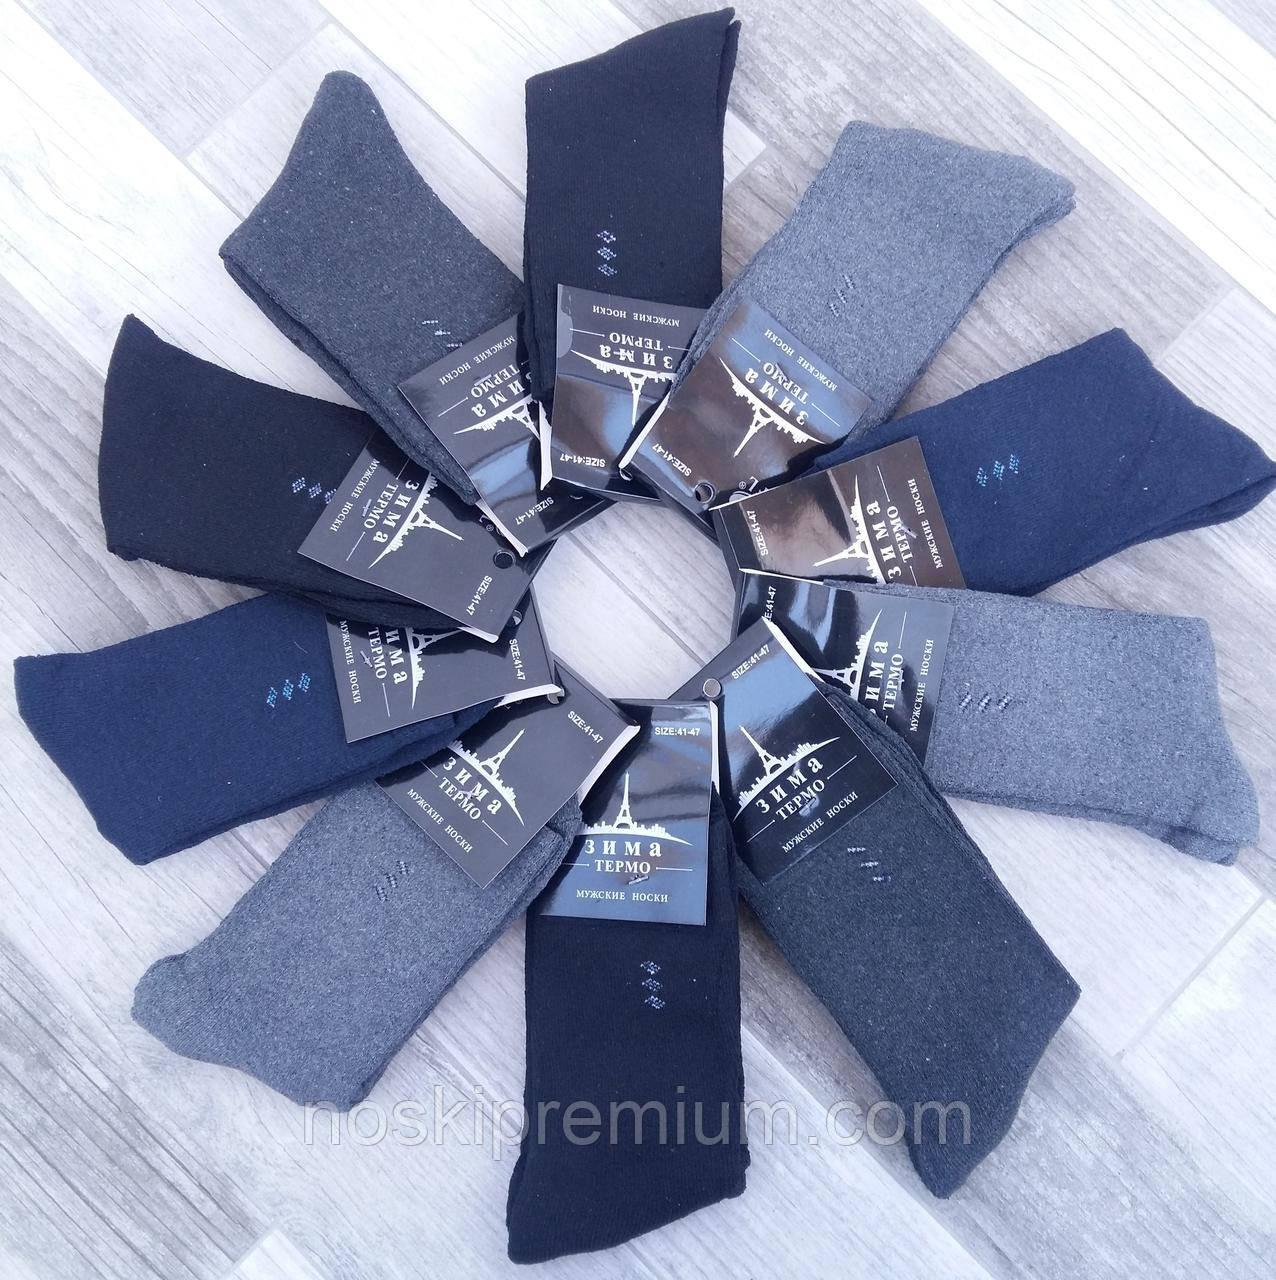 Носки мужские термо махровые хлопок BFL, размер 41-47, ассорти, HA18